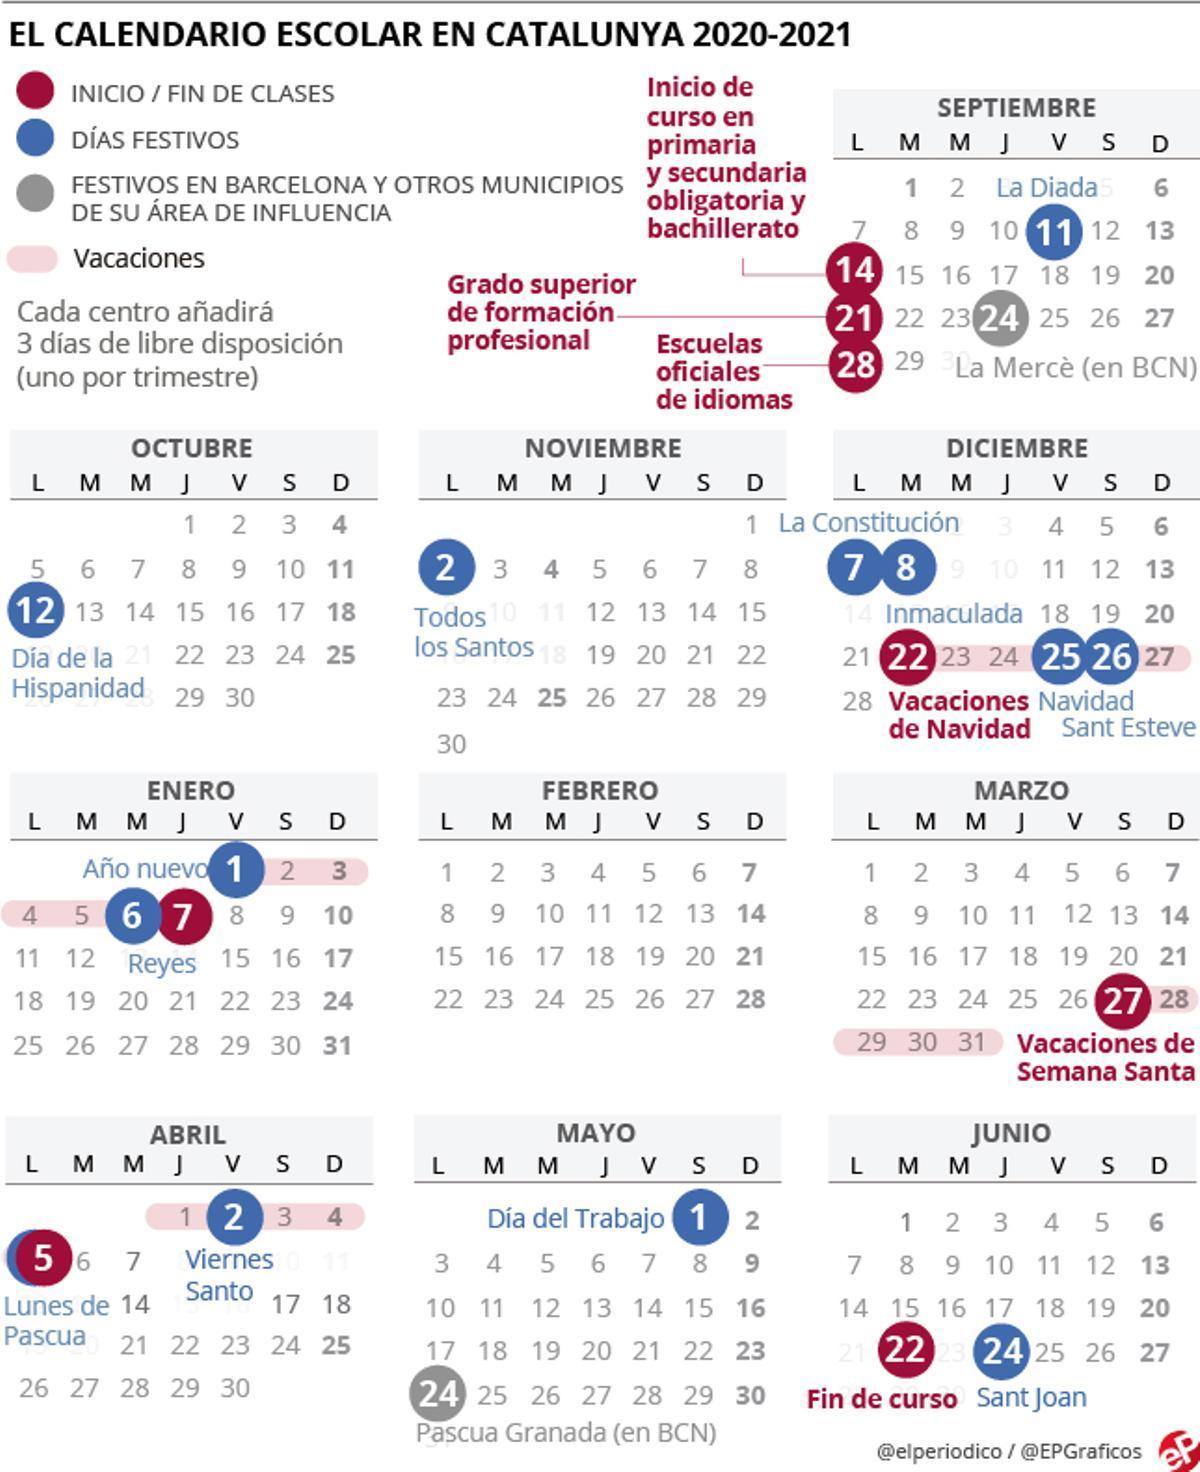 Calendari escolar de Catalunya 2020-21